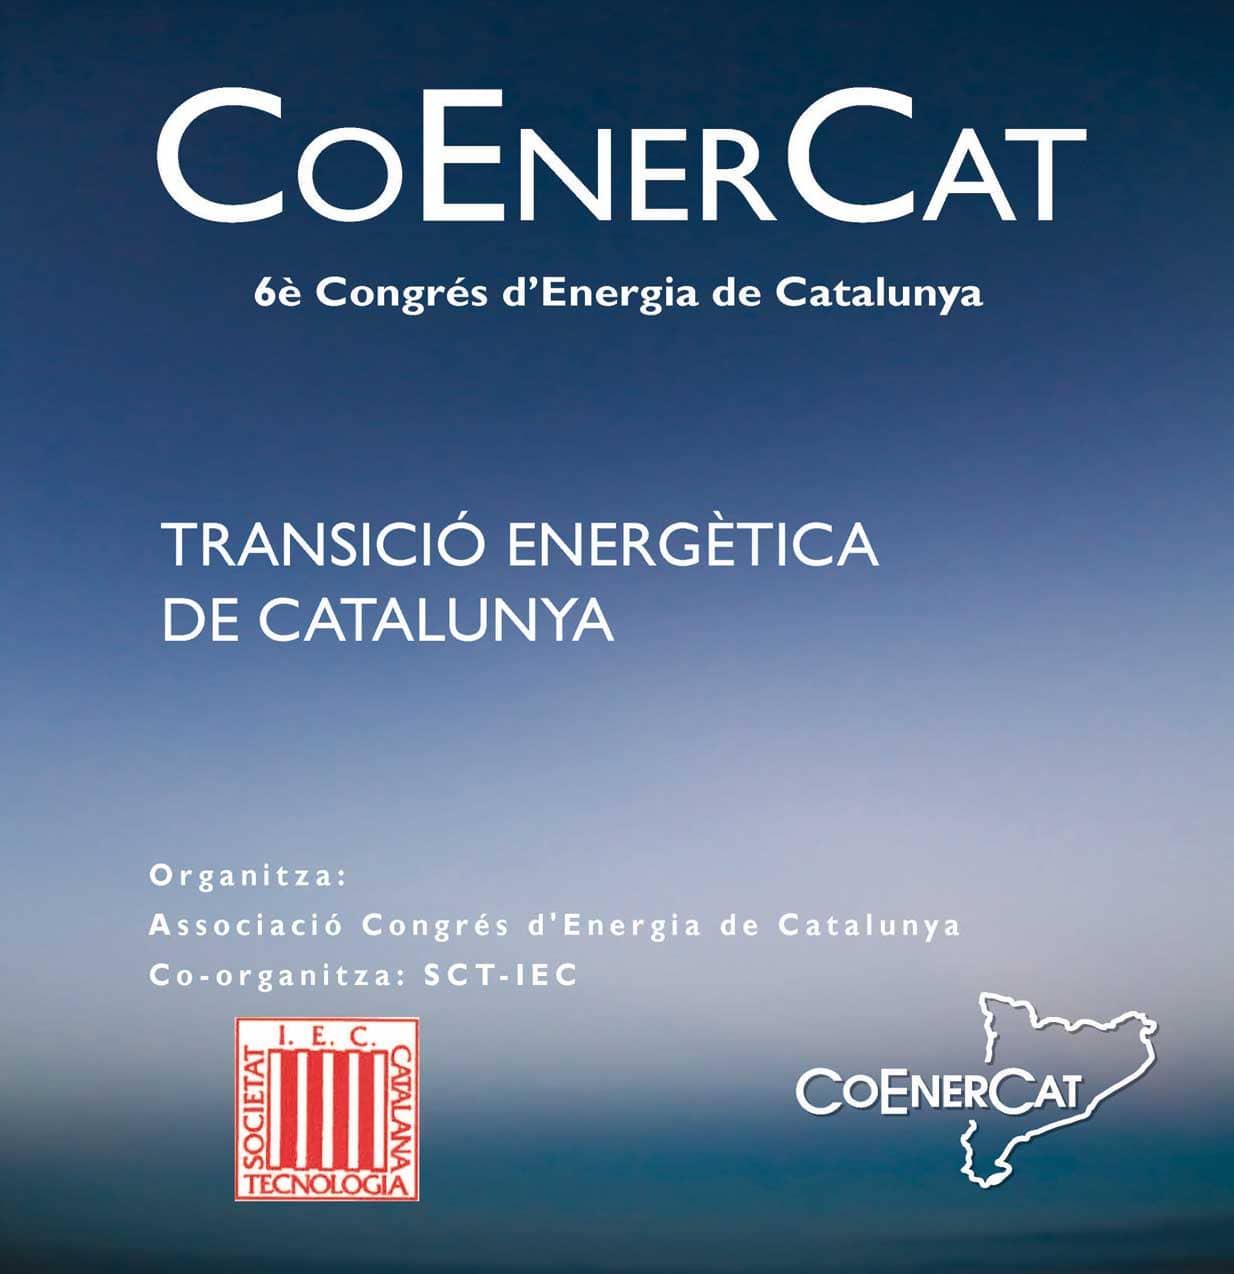 6è Congrés d'Energia de Catalunya